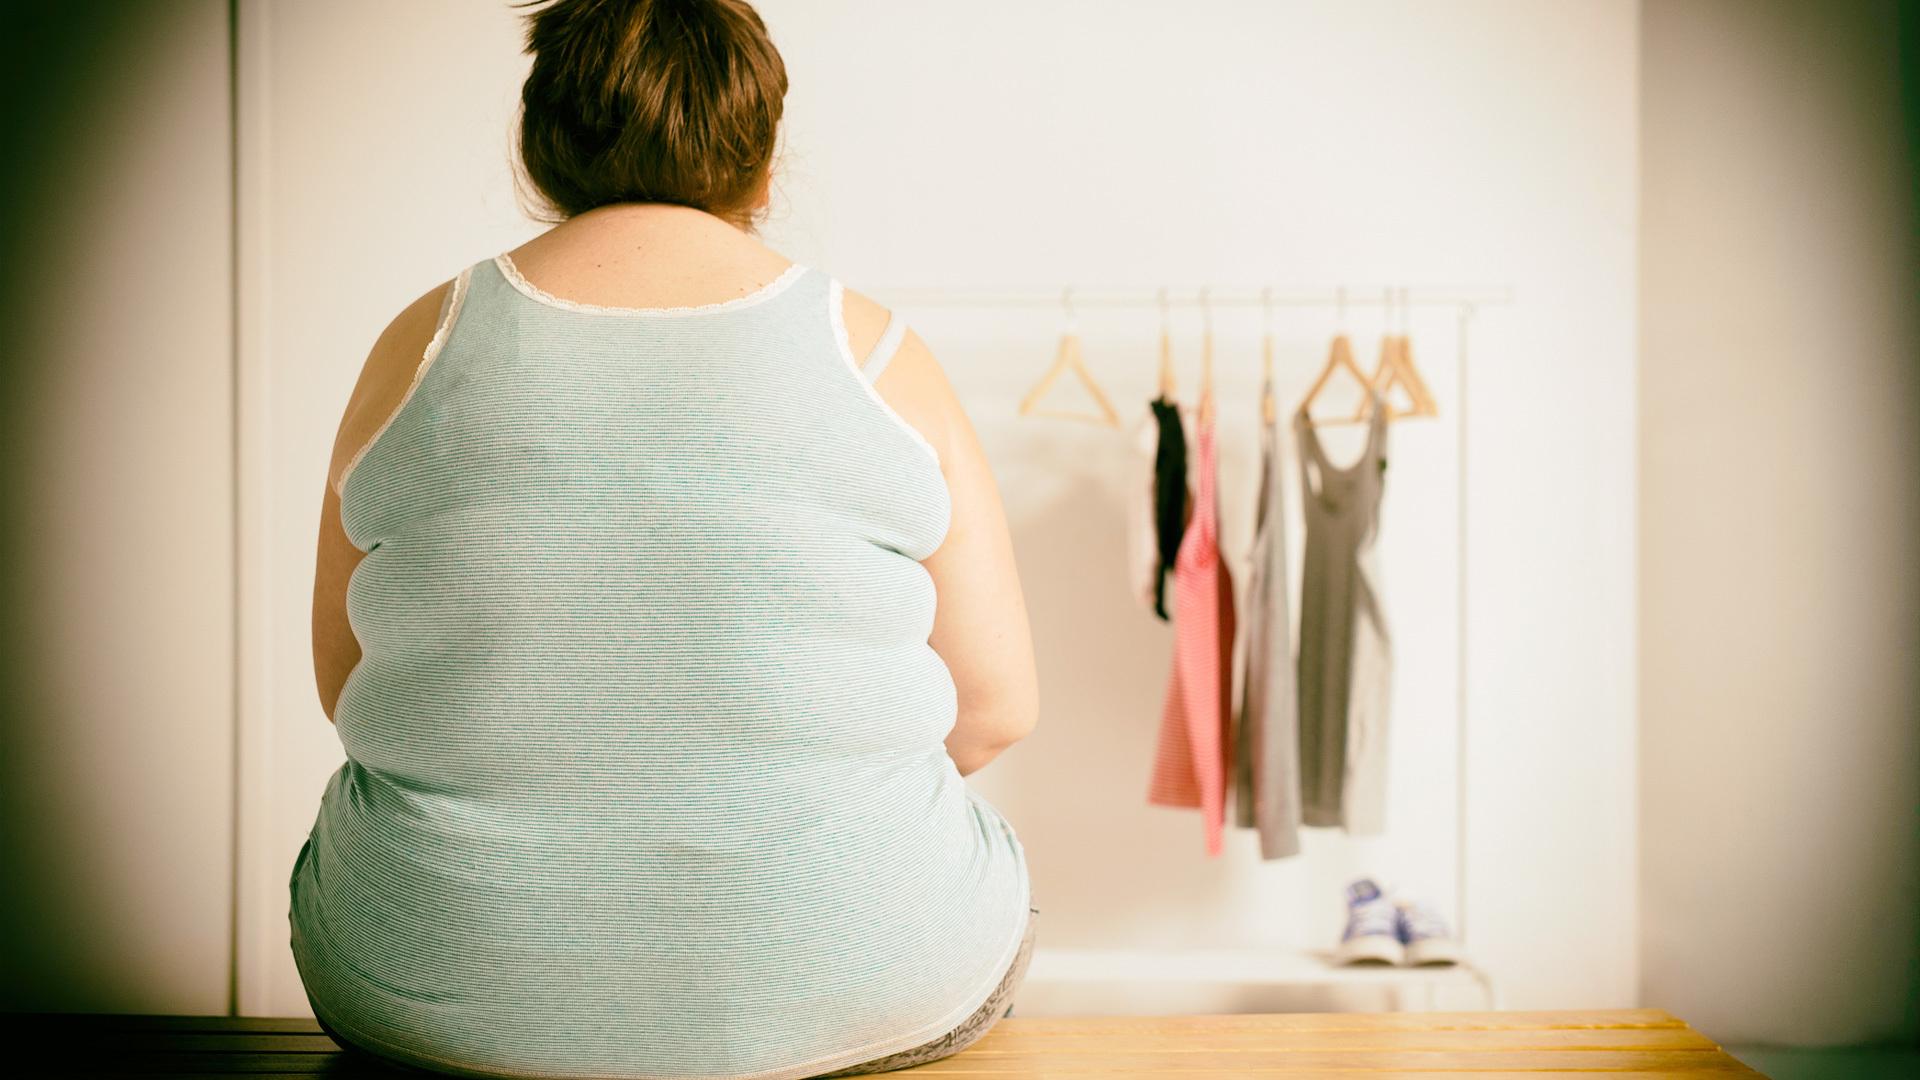 Par ko liecina liekie tauki dažādās ķermeņa daļās